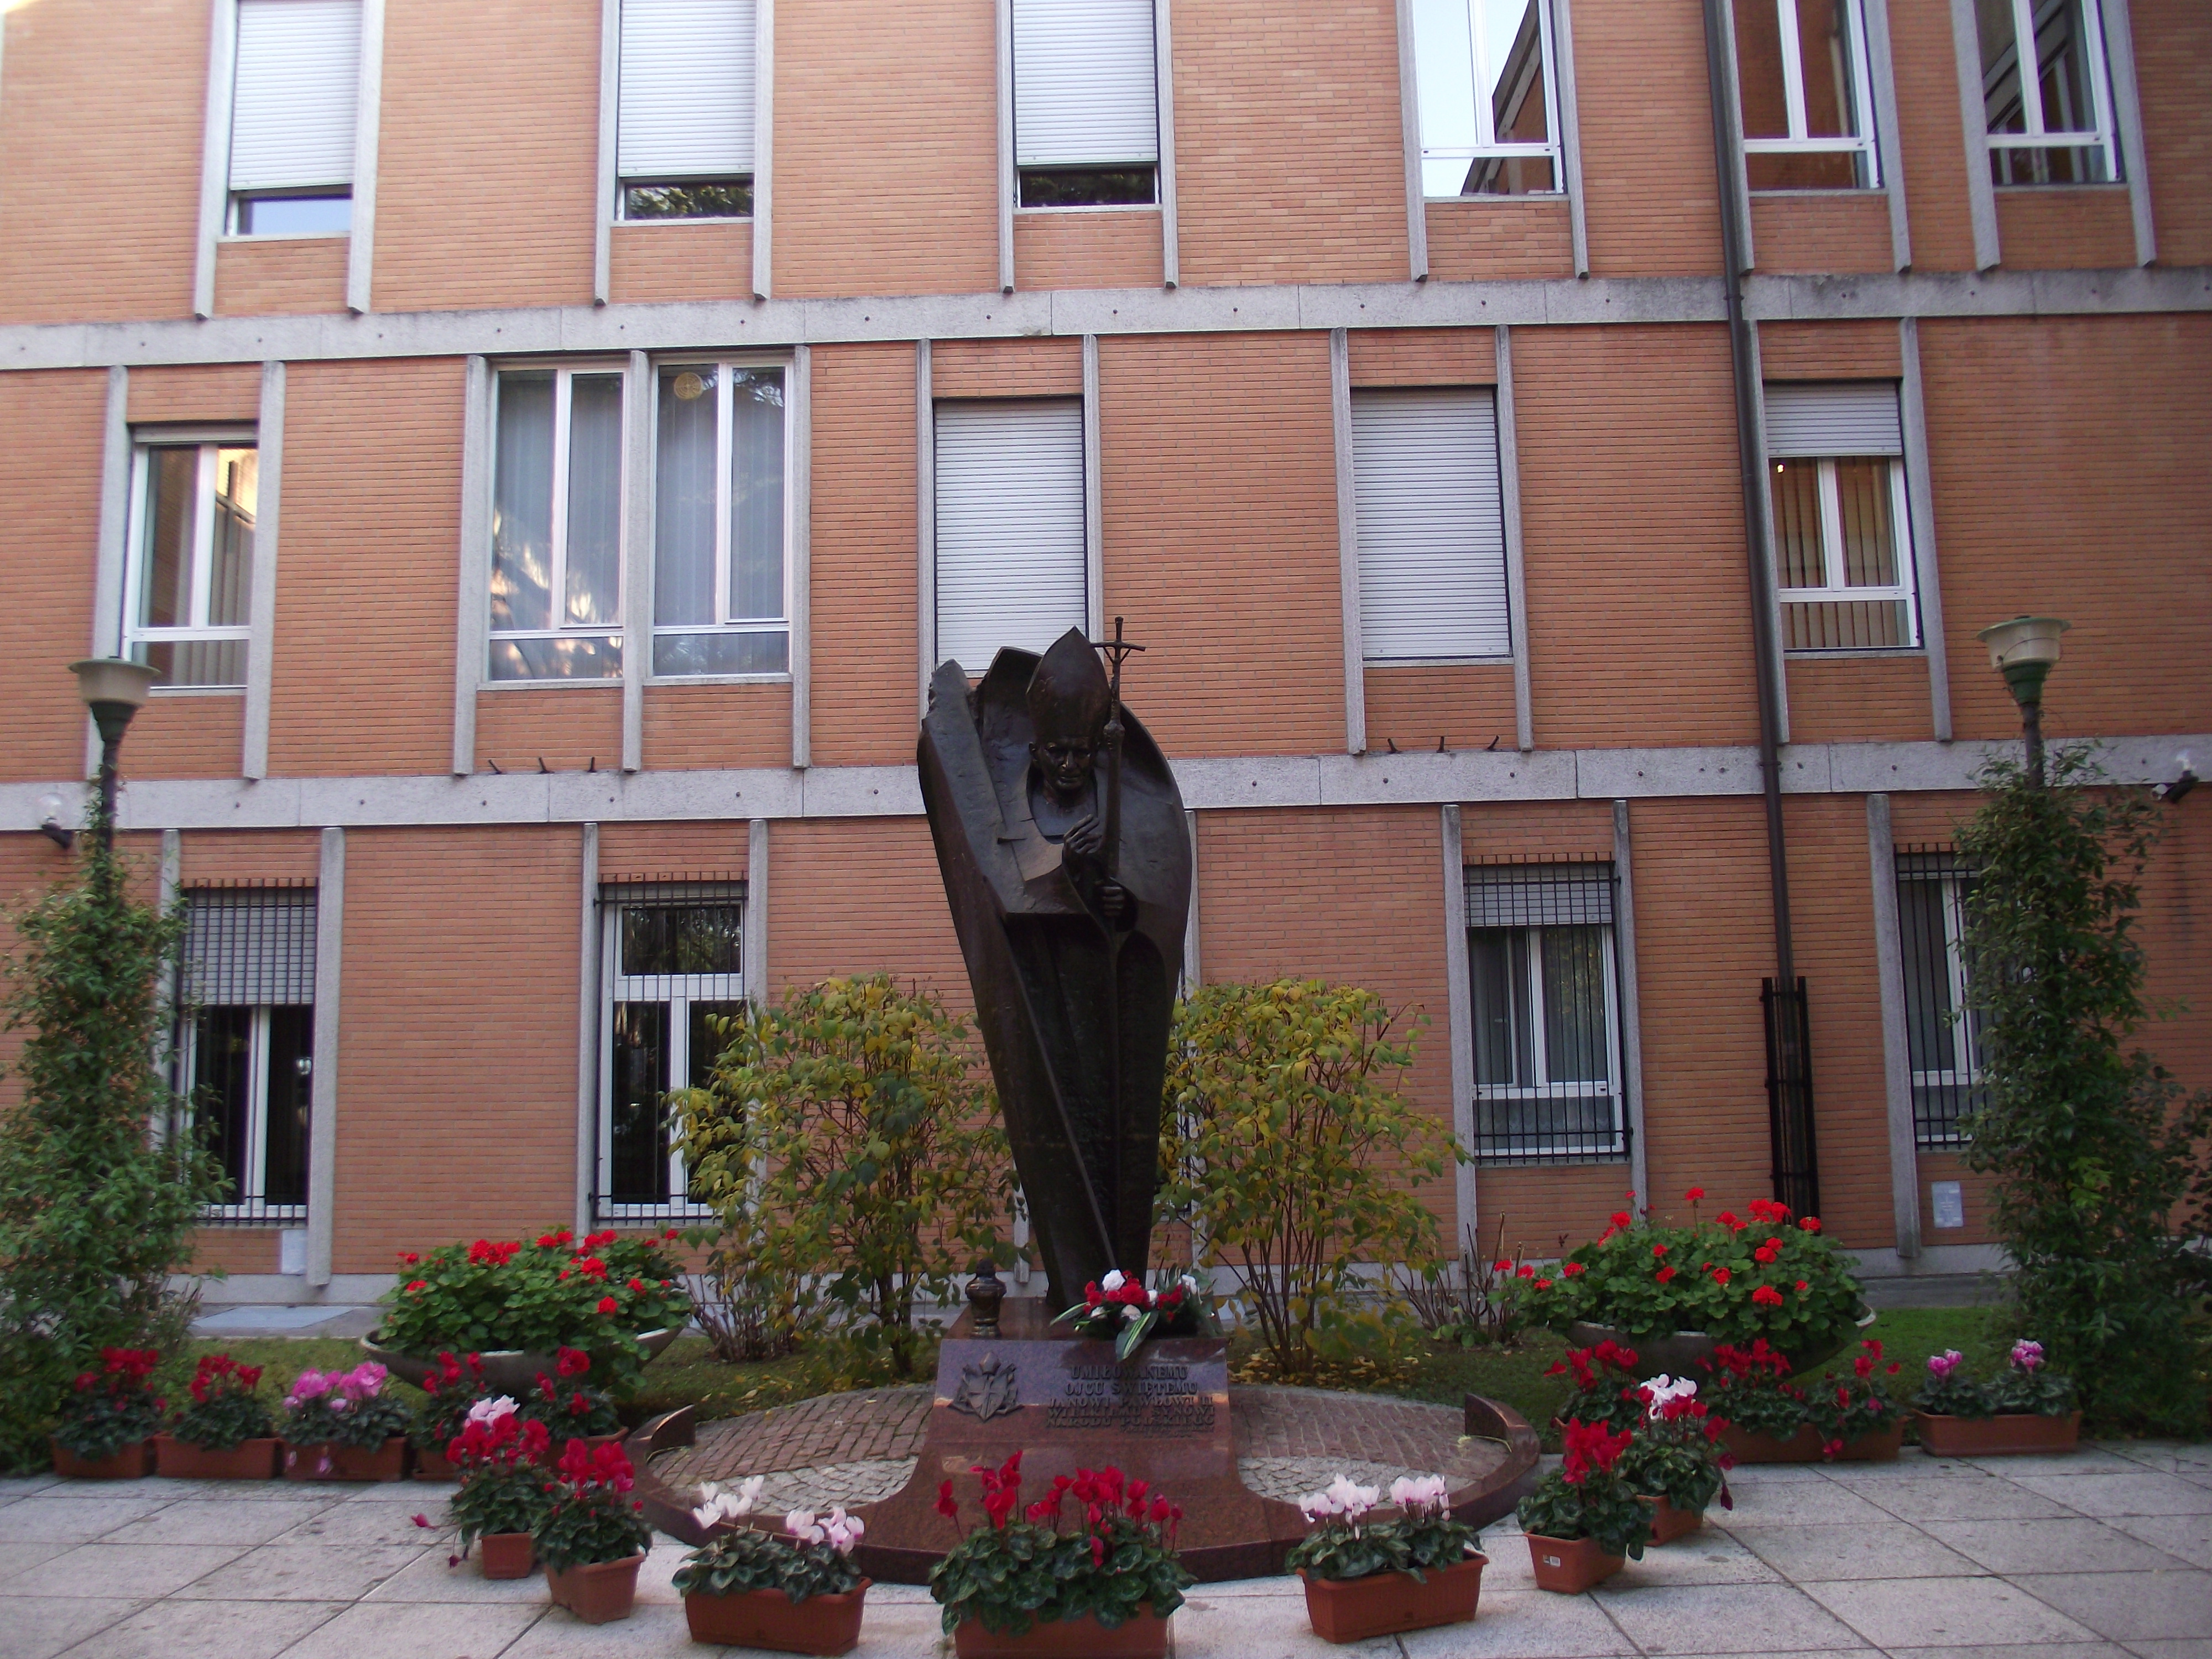 Dom Polski im. św. Jana Pawła II w Rzymie